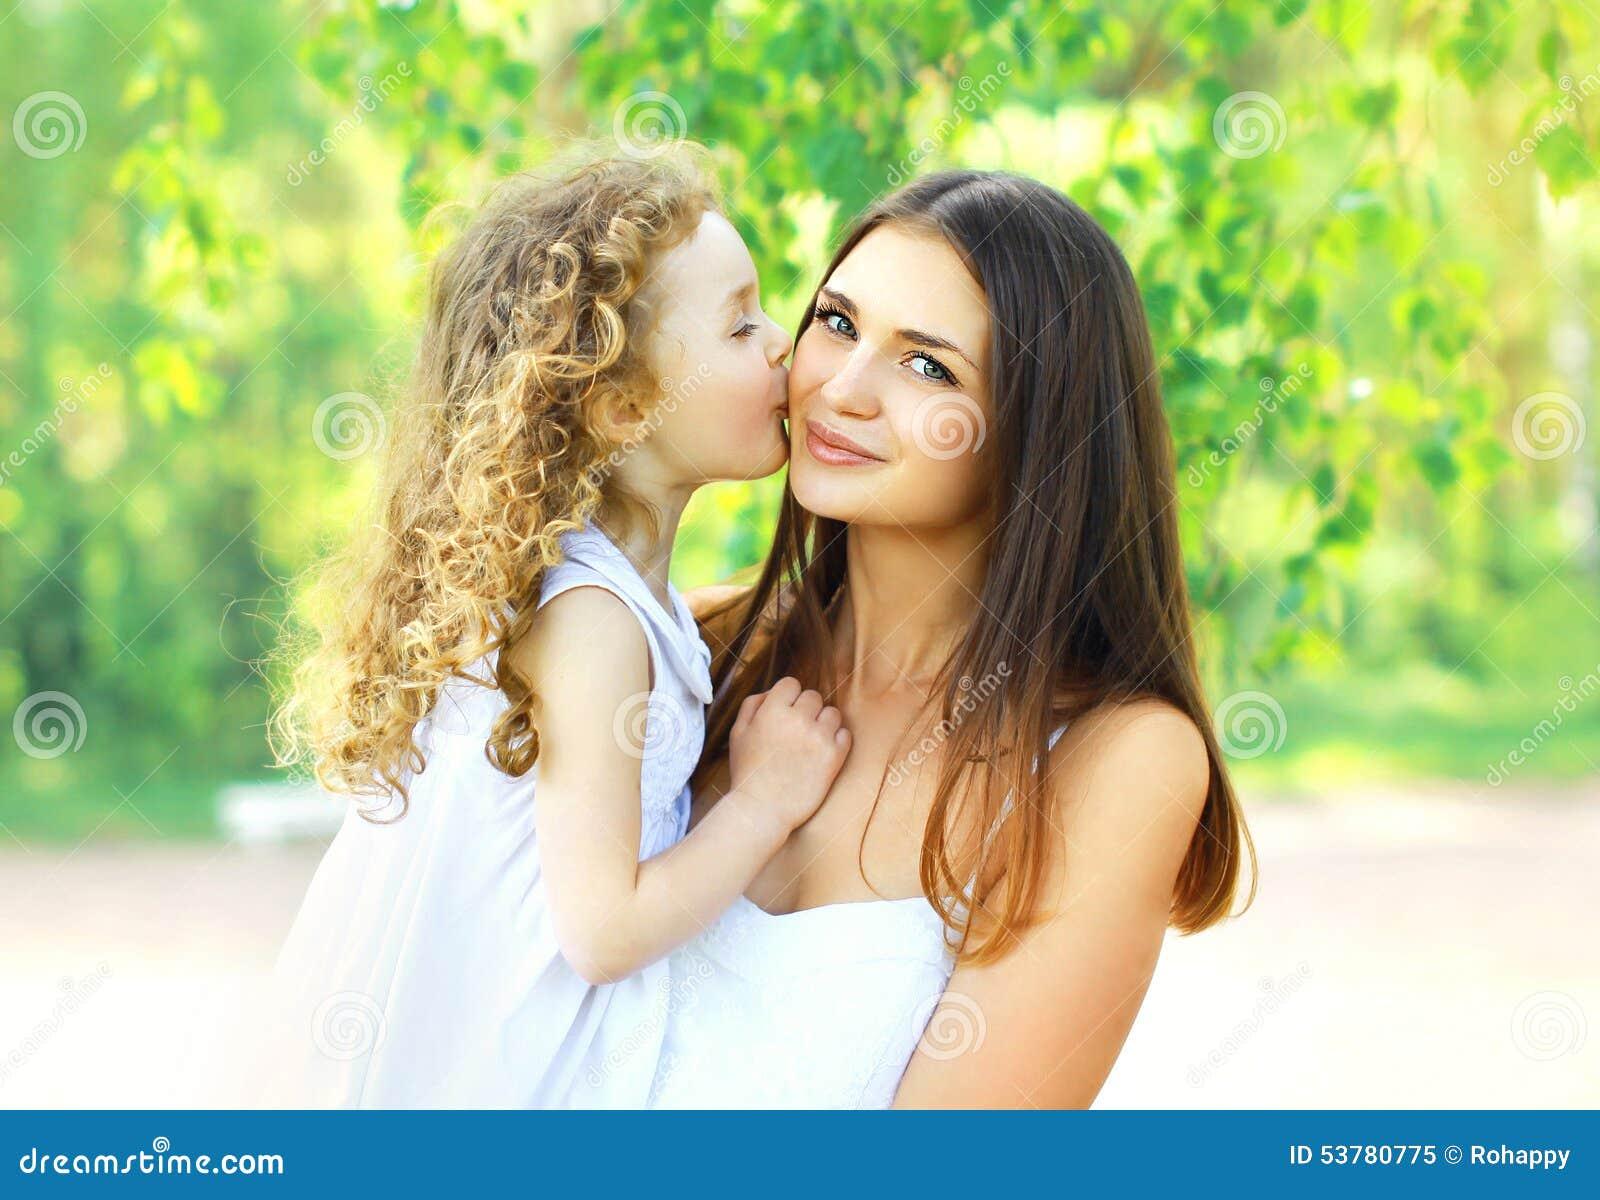 Kochająca córki całowania matka, szczęśliwa młoda mama i dziecko w ciepłym pogodnym letnim dniu na naturze,